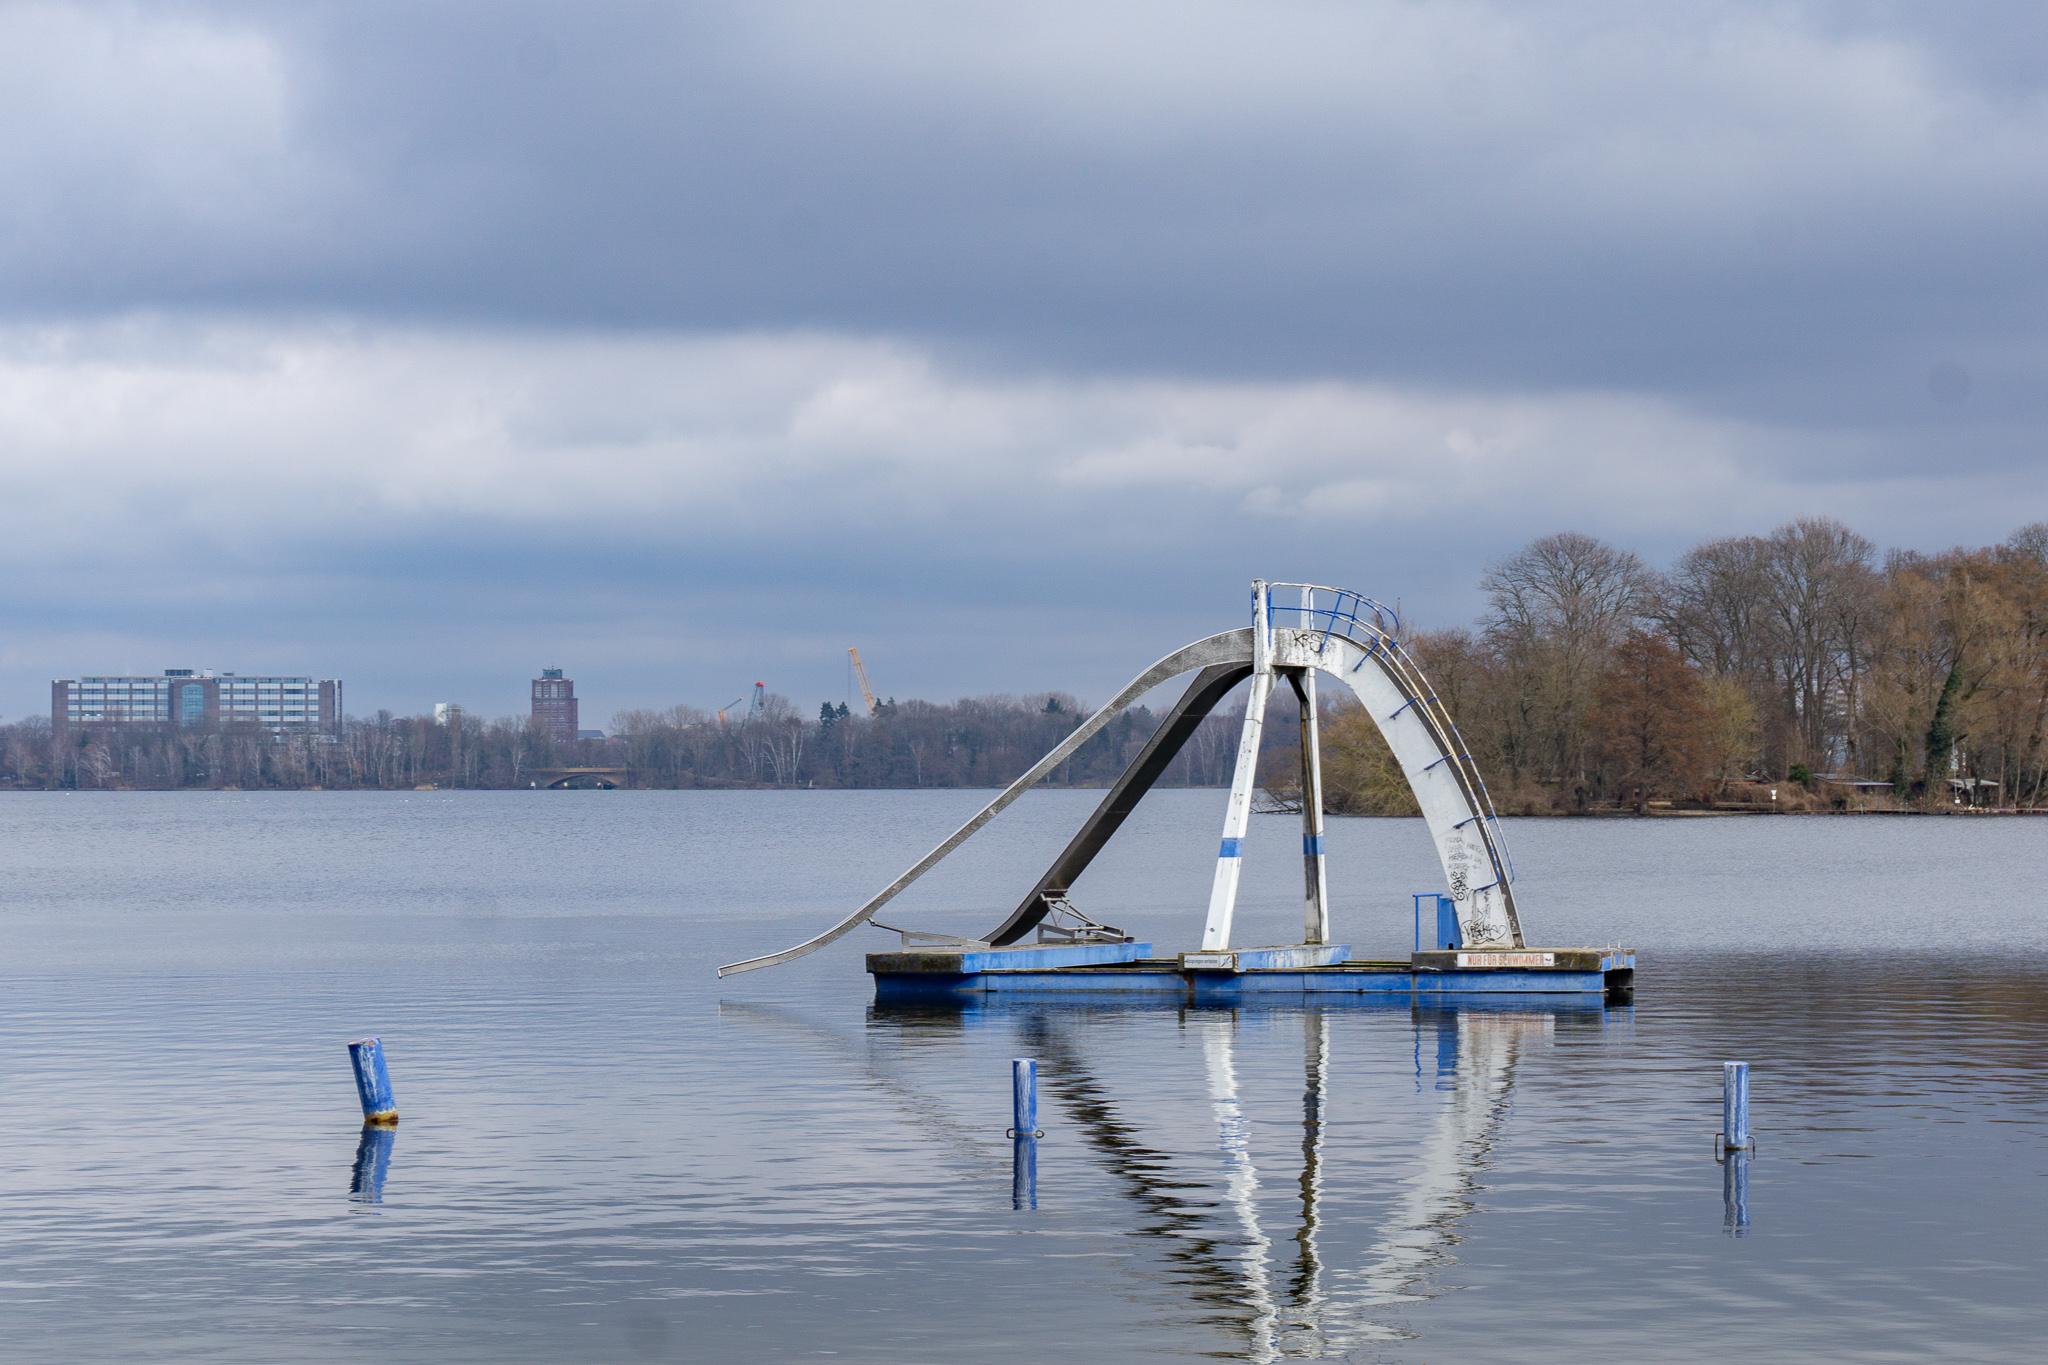 Auch die Rutsche und der Sprungturm des Strandbads Tegel sollen instandgesetzt werden. Foto: Max Müller